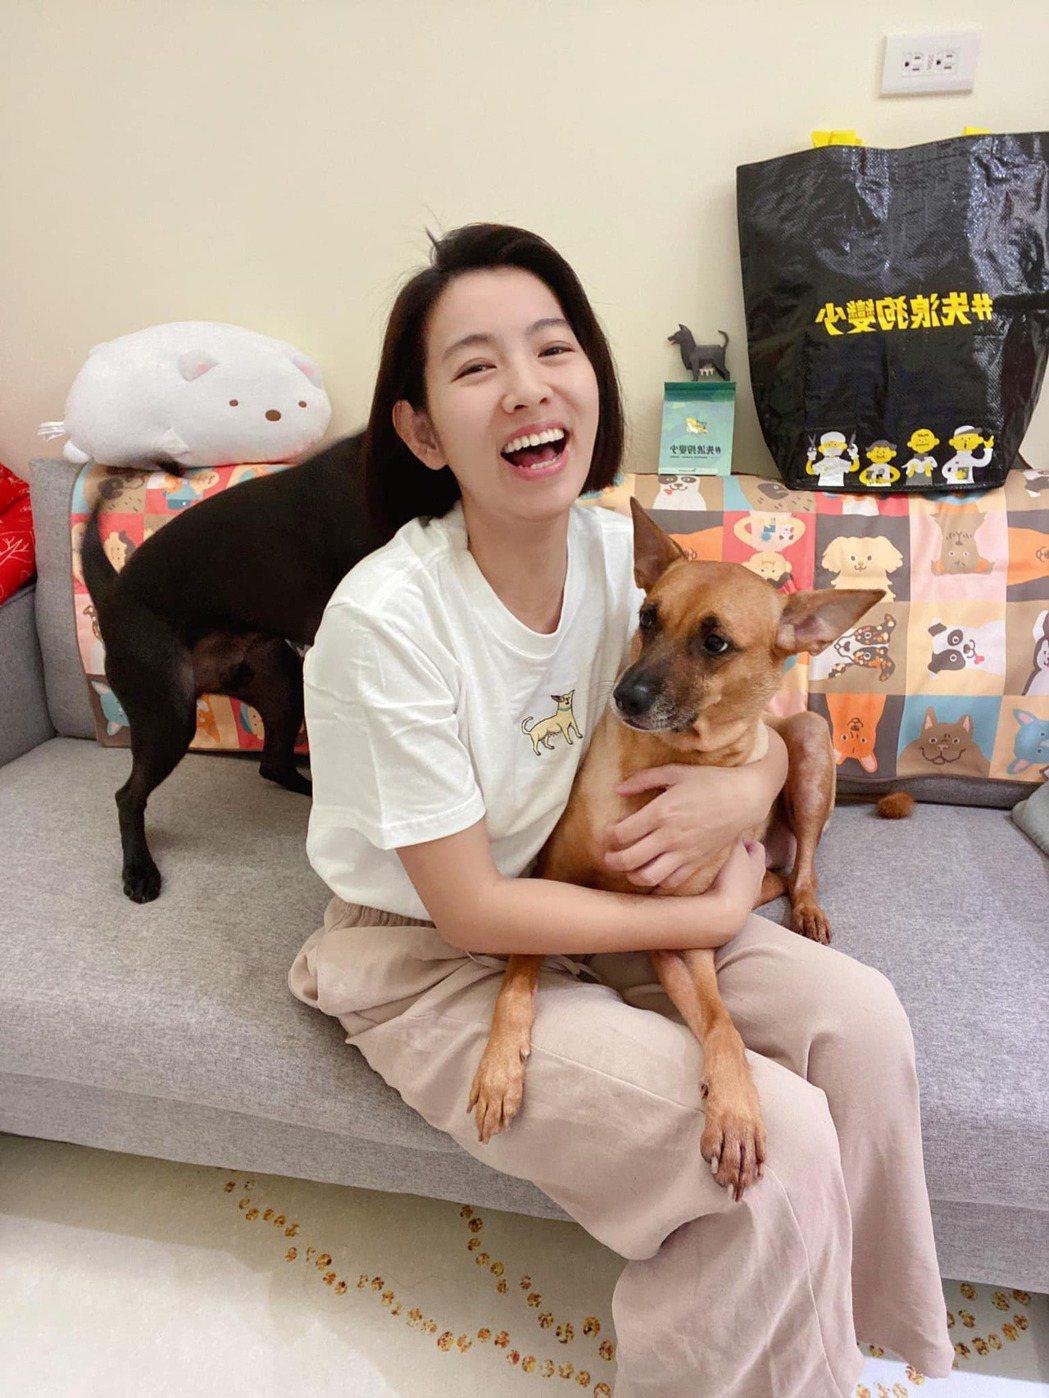 米可白常常分享與愛犬的互動。 圖/擷自米可白臉書